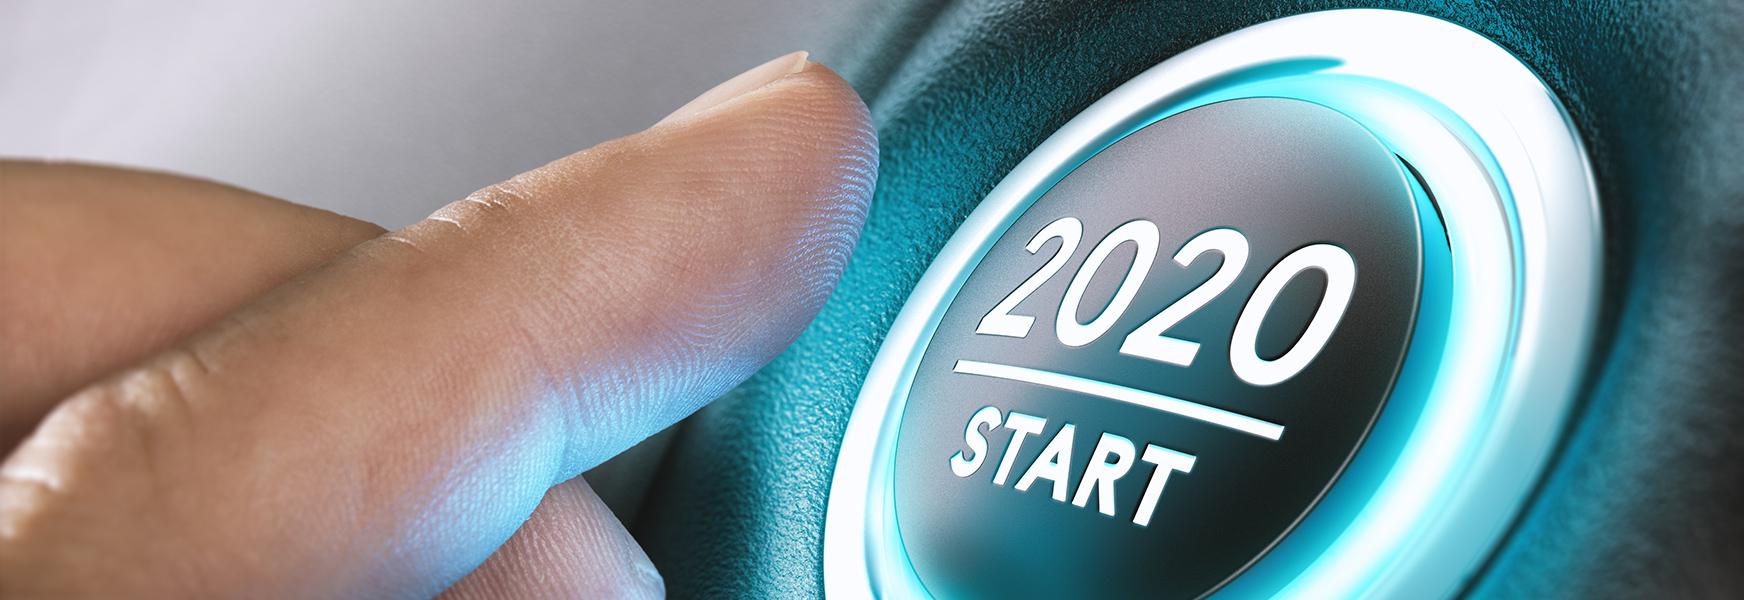 Index finger pushing 2020 start button